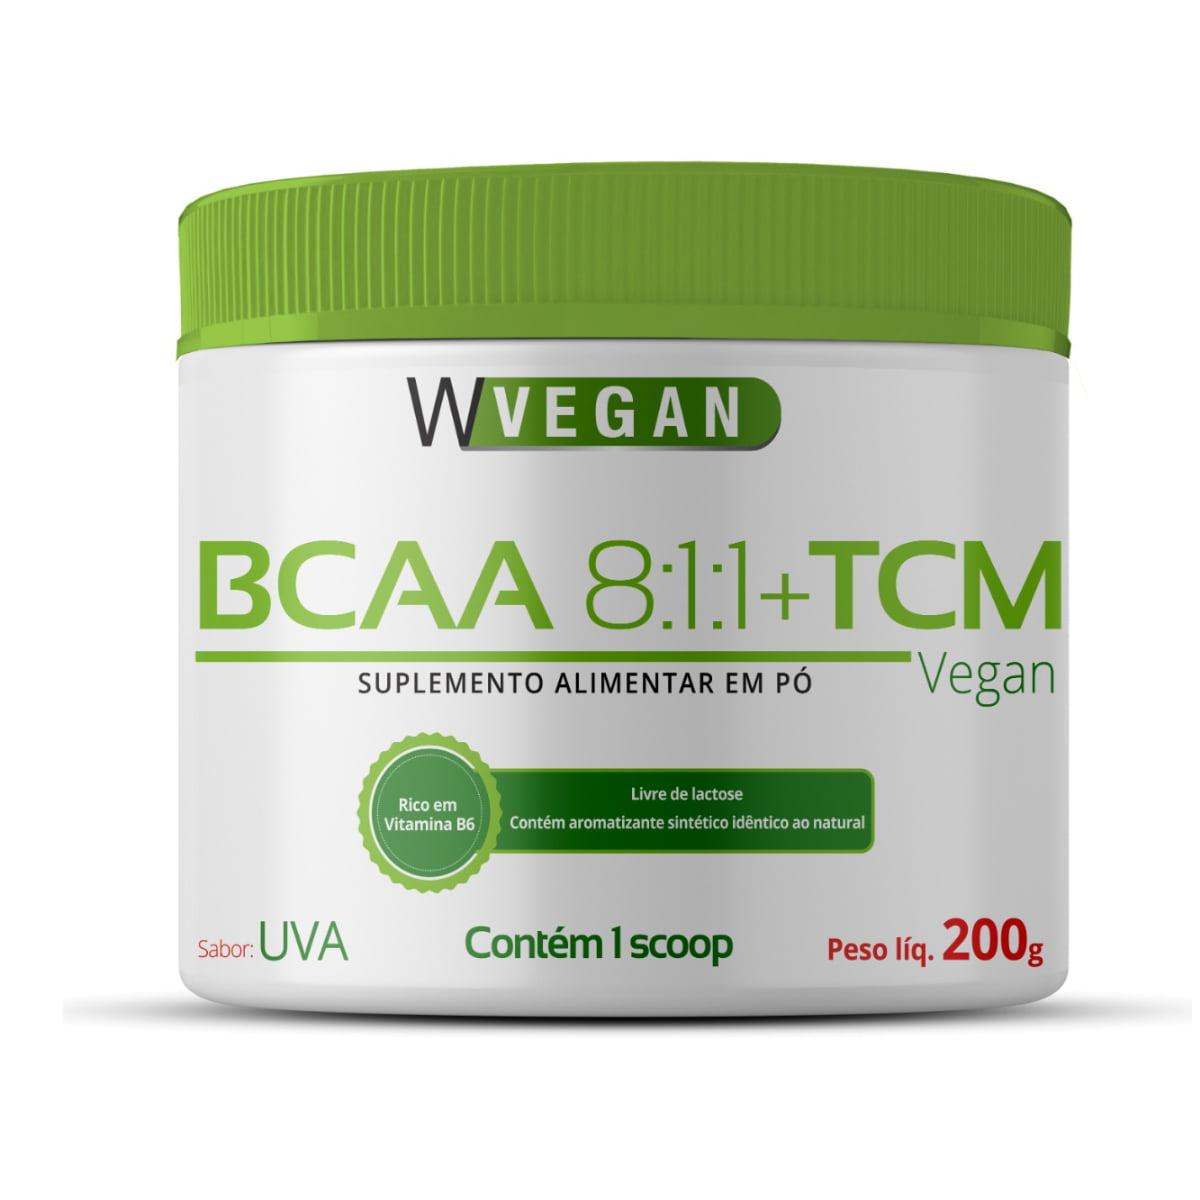 BCAA 8:1:1 + TCM 200g 200 gramas sabor Uva WVegan